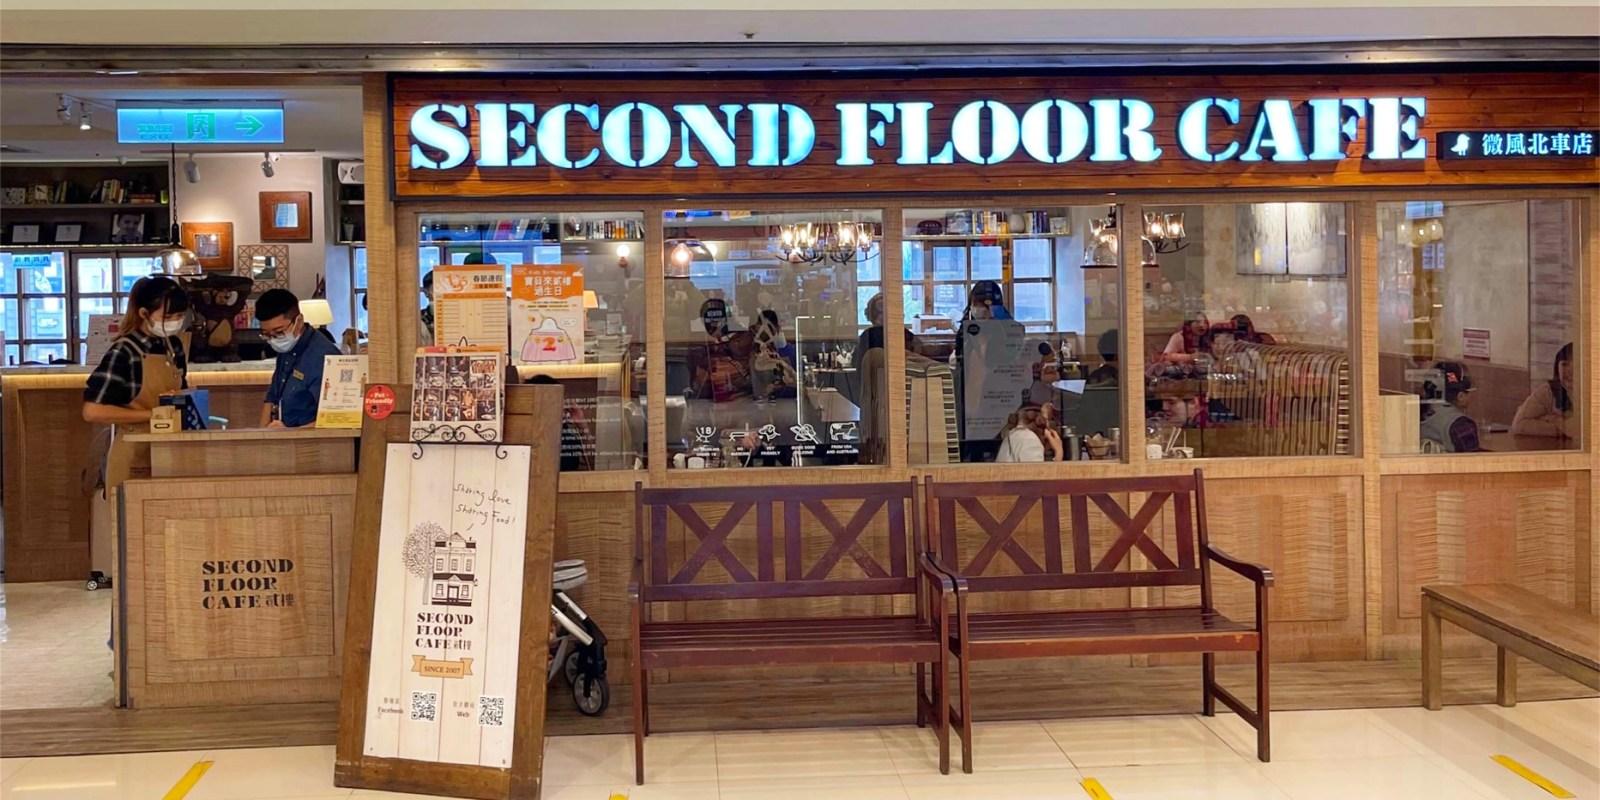 貳樓餐廳 Second Floor Cafe的2021年外帶、外送、菜單、優惠、最新品項和分店介紹(6月更新)